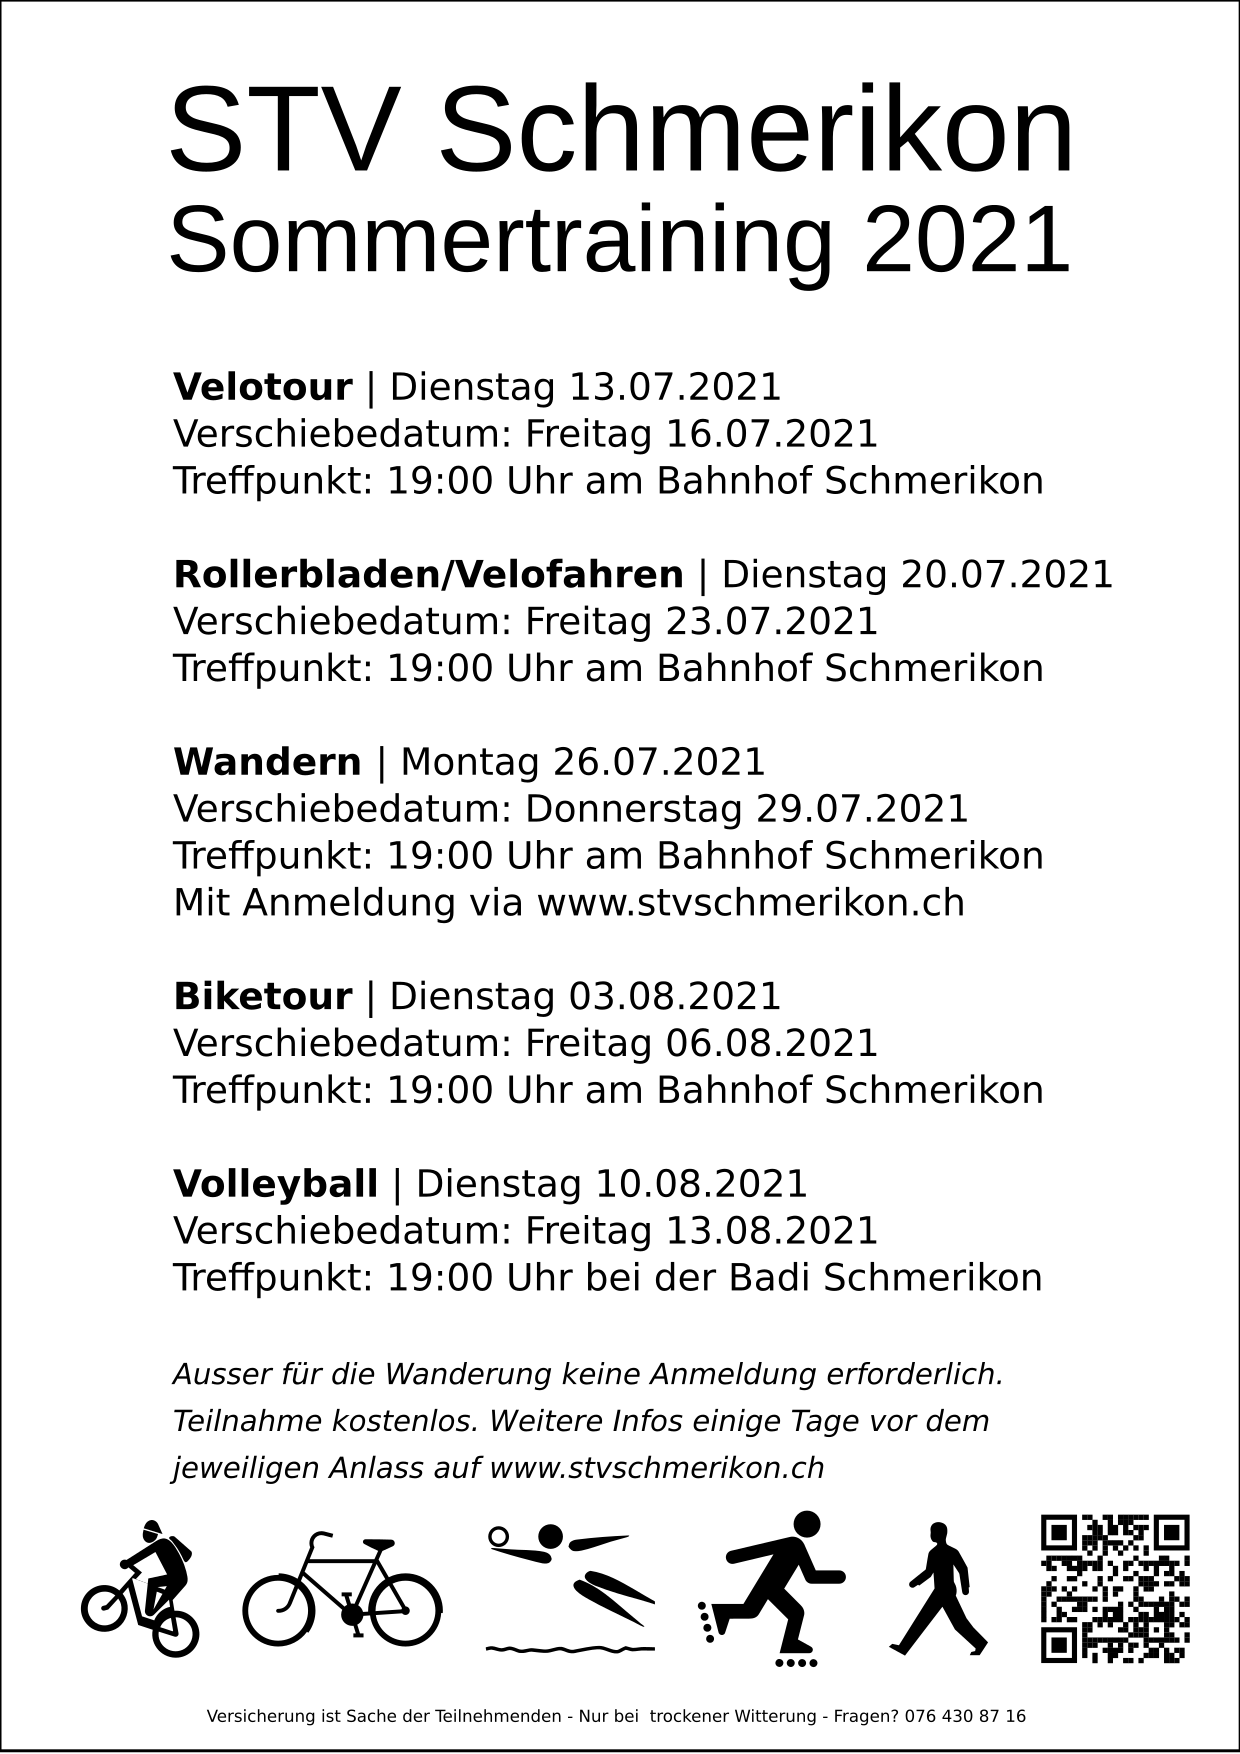 Flyer mit Daten der STV Schmerikon Sommertrainings 2021